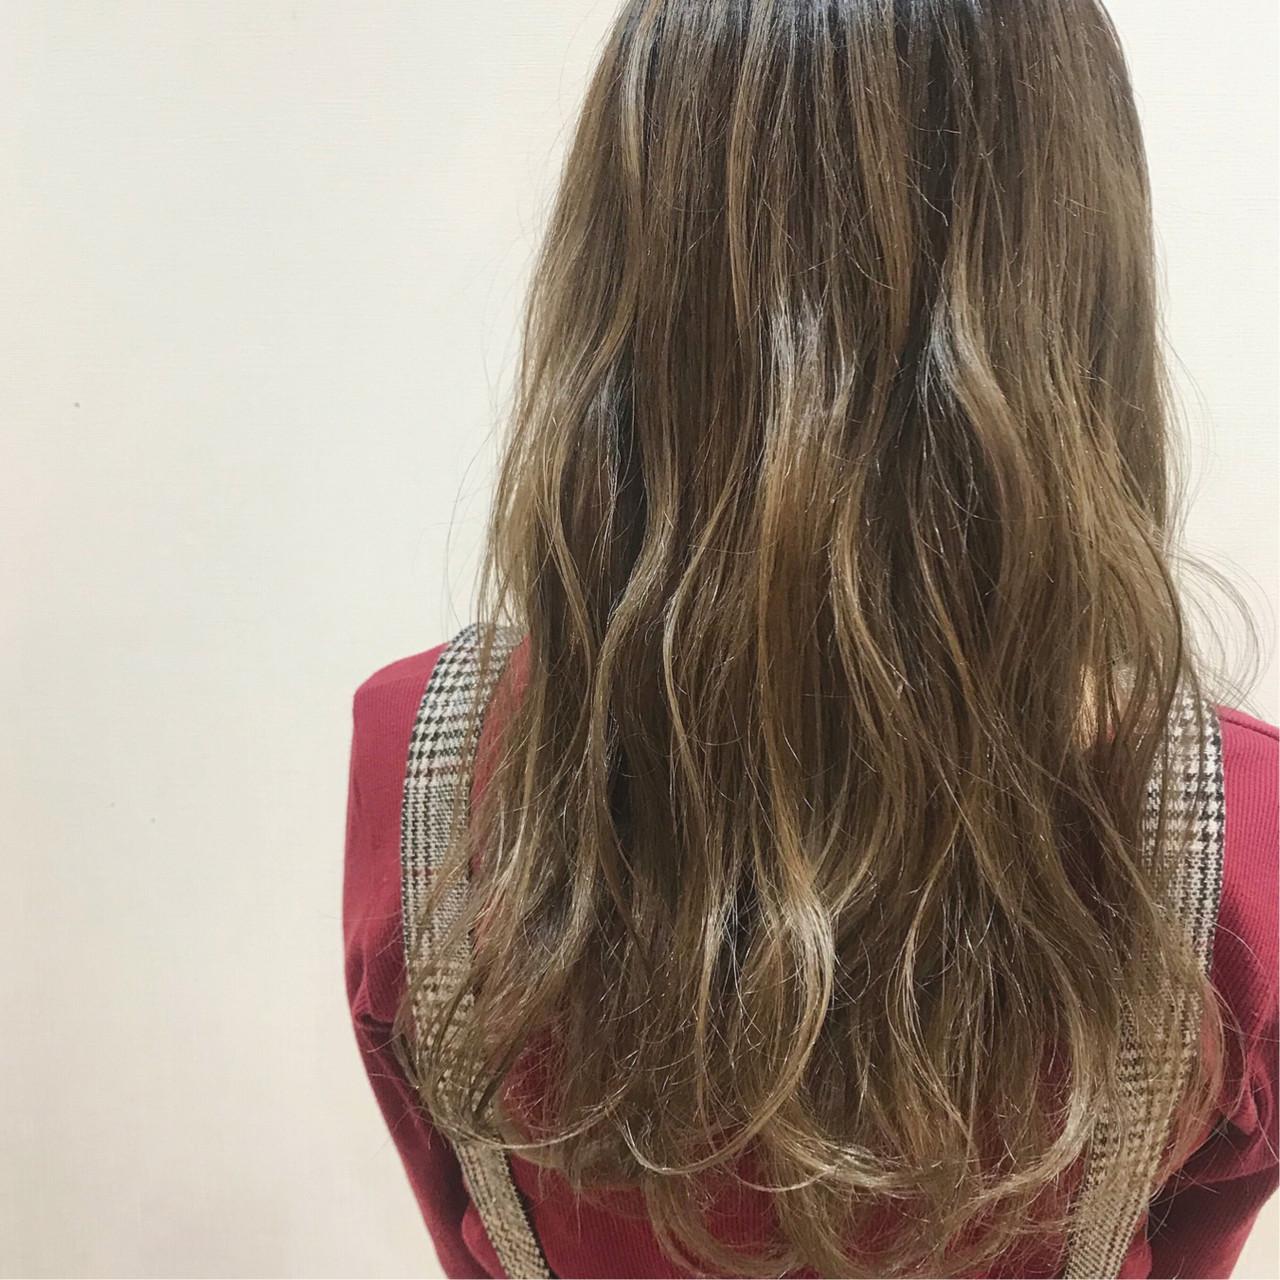 巻き髪 ミルクティーベージュ ガーリー ミルクティーアッシュ ヘアスタイルや髪型の写真・画像